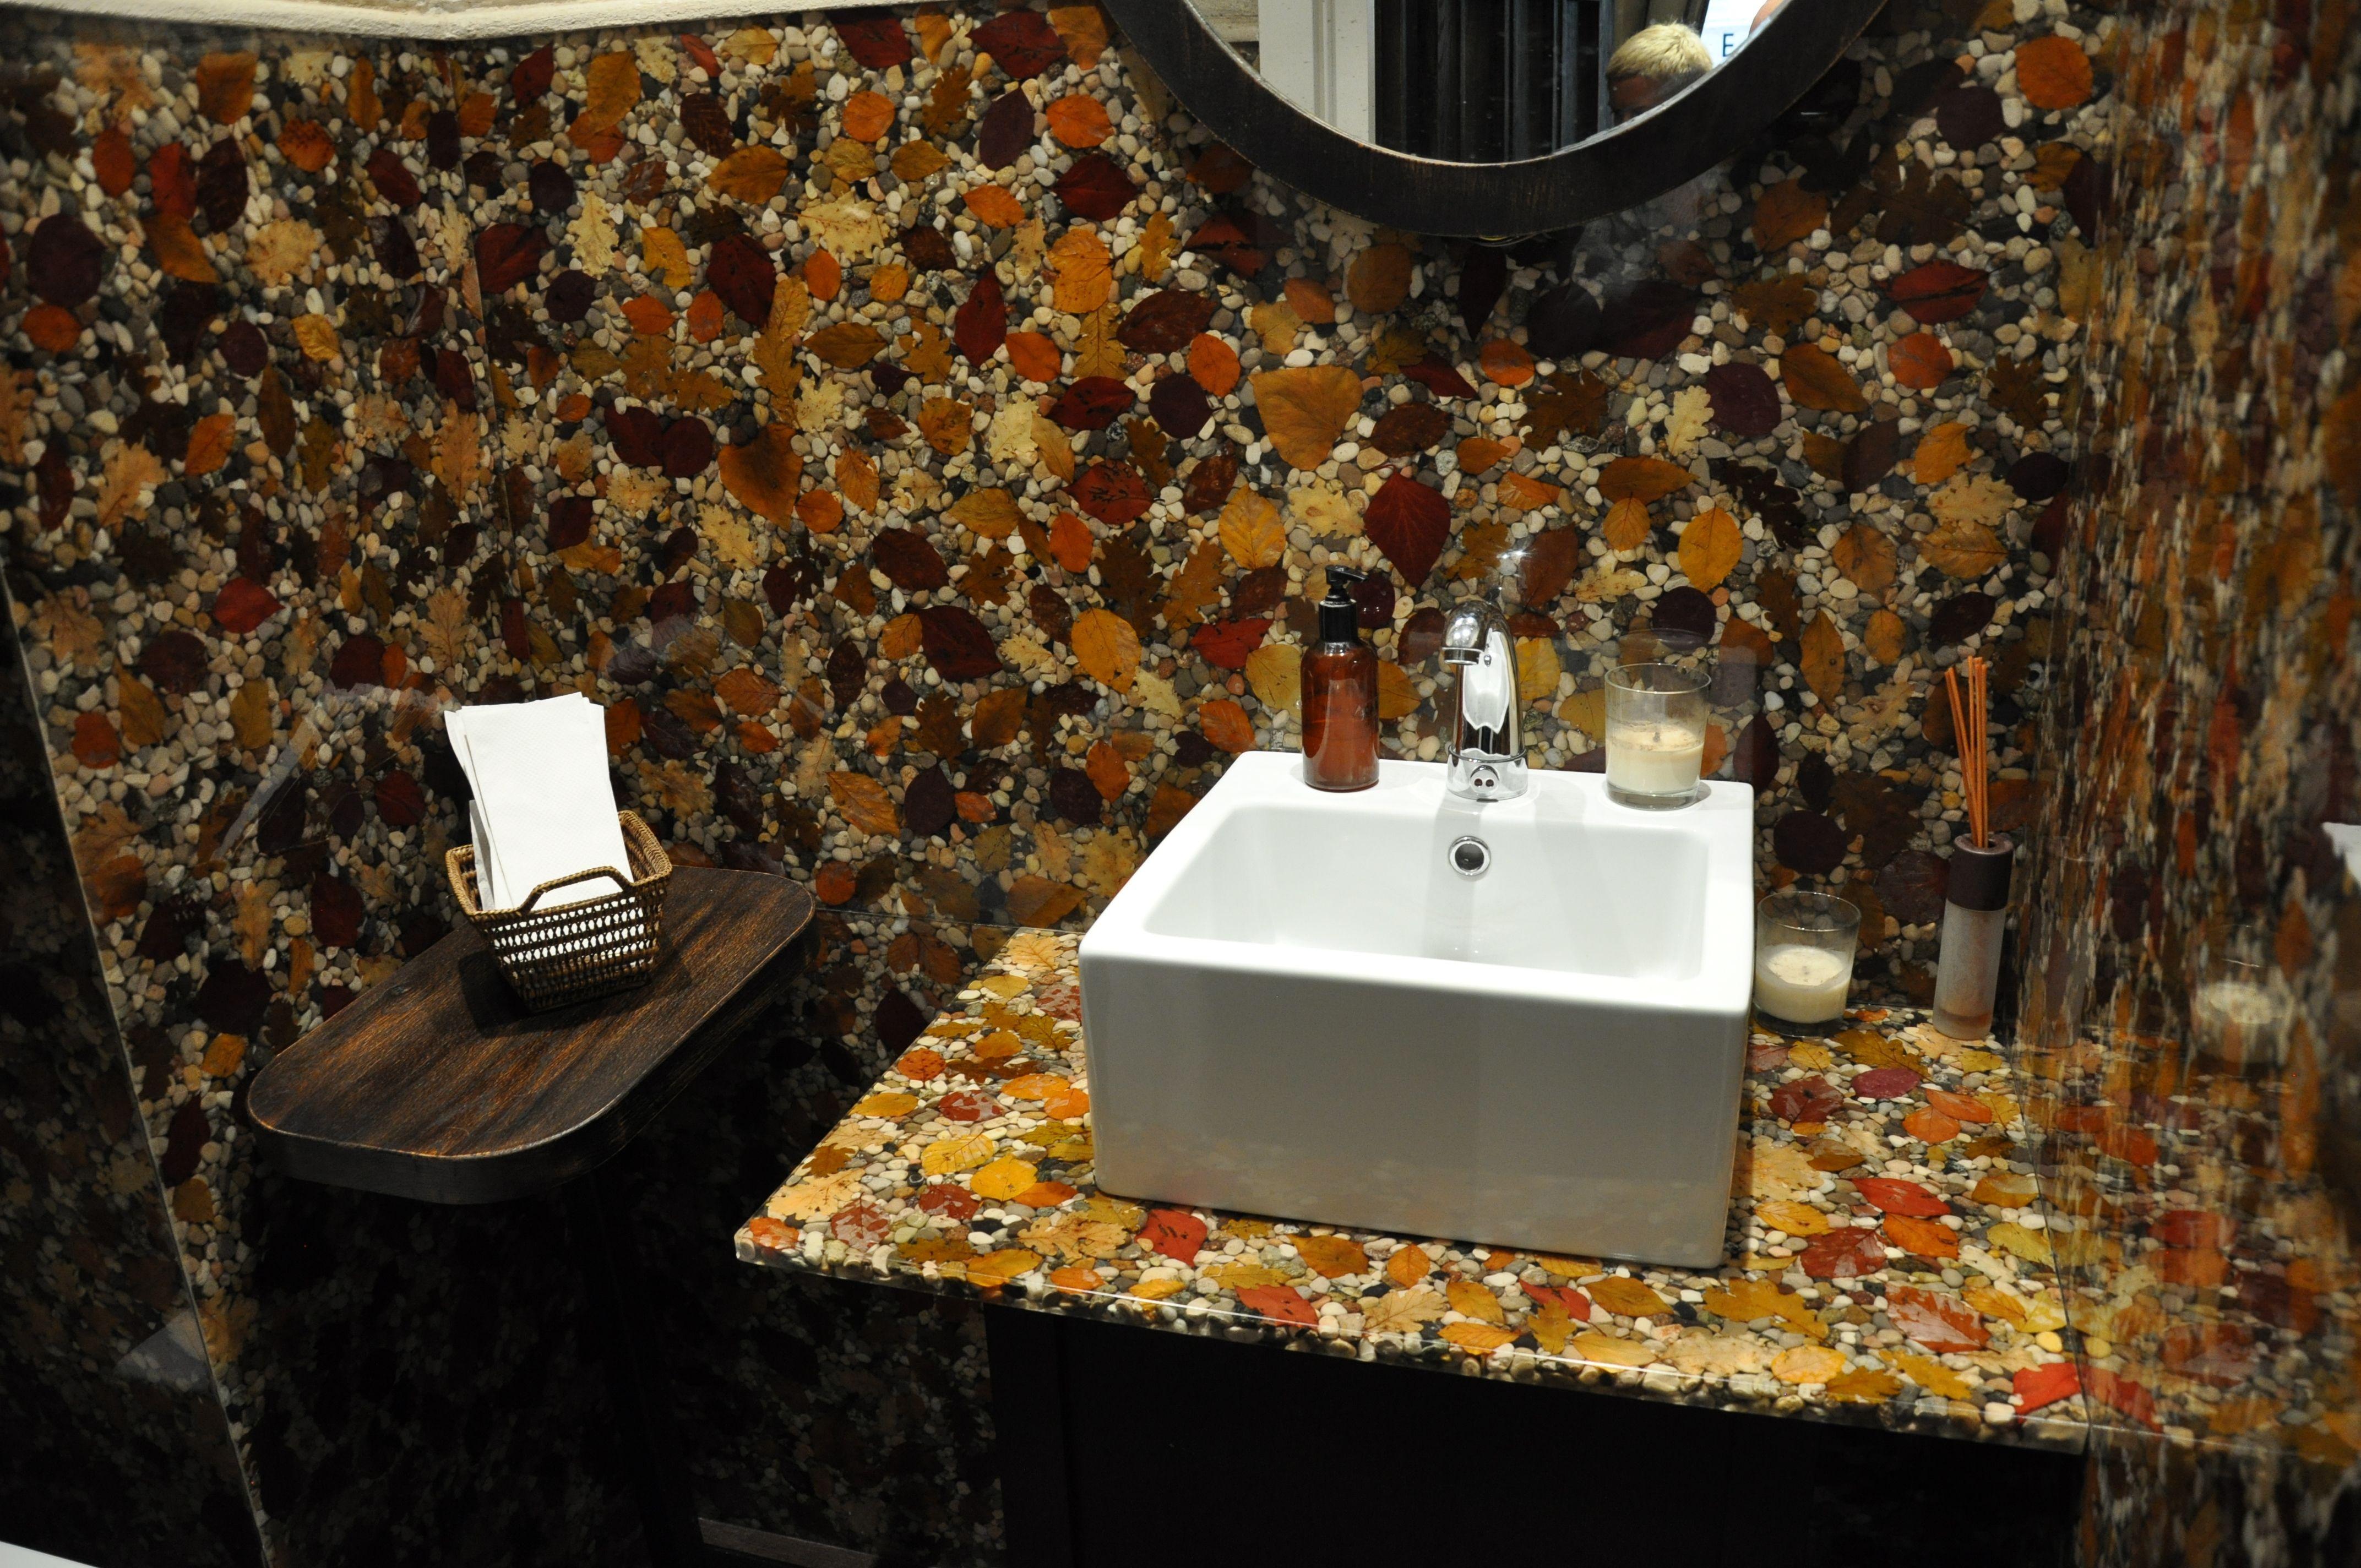 Rivestimento di un bagno costituito da pannelli di resina epossidica trasparente che inglobano - Rivestimento bagno resina ...